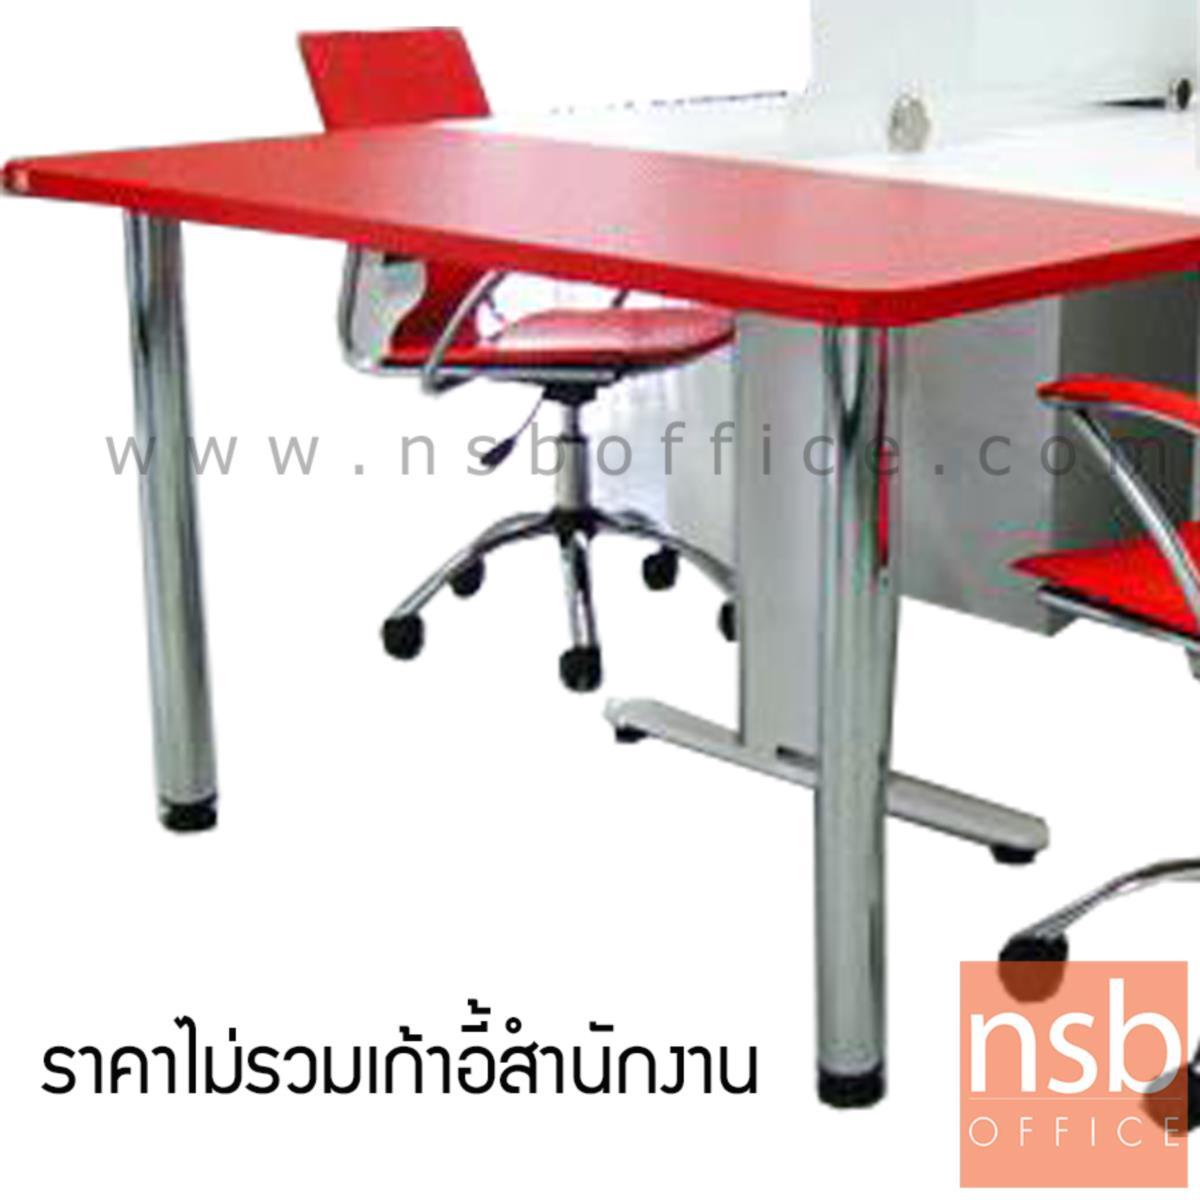 โต๊ะเอนกปะสงค์สี่เหลี่ยม เชื่อมต่อหัวโต๊ะ   ขากลมโครเมี่ยม